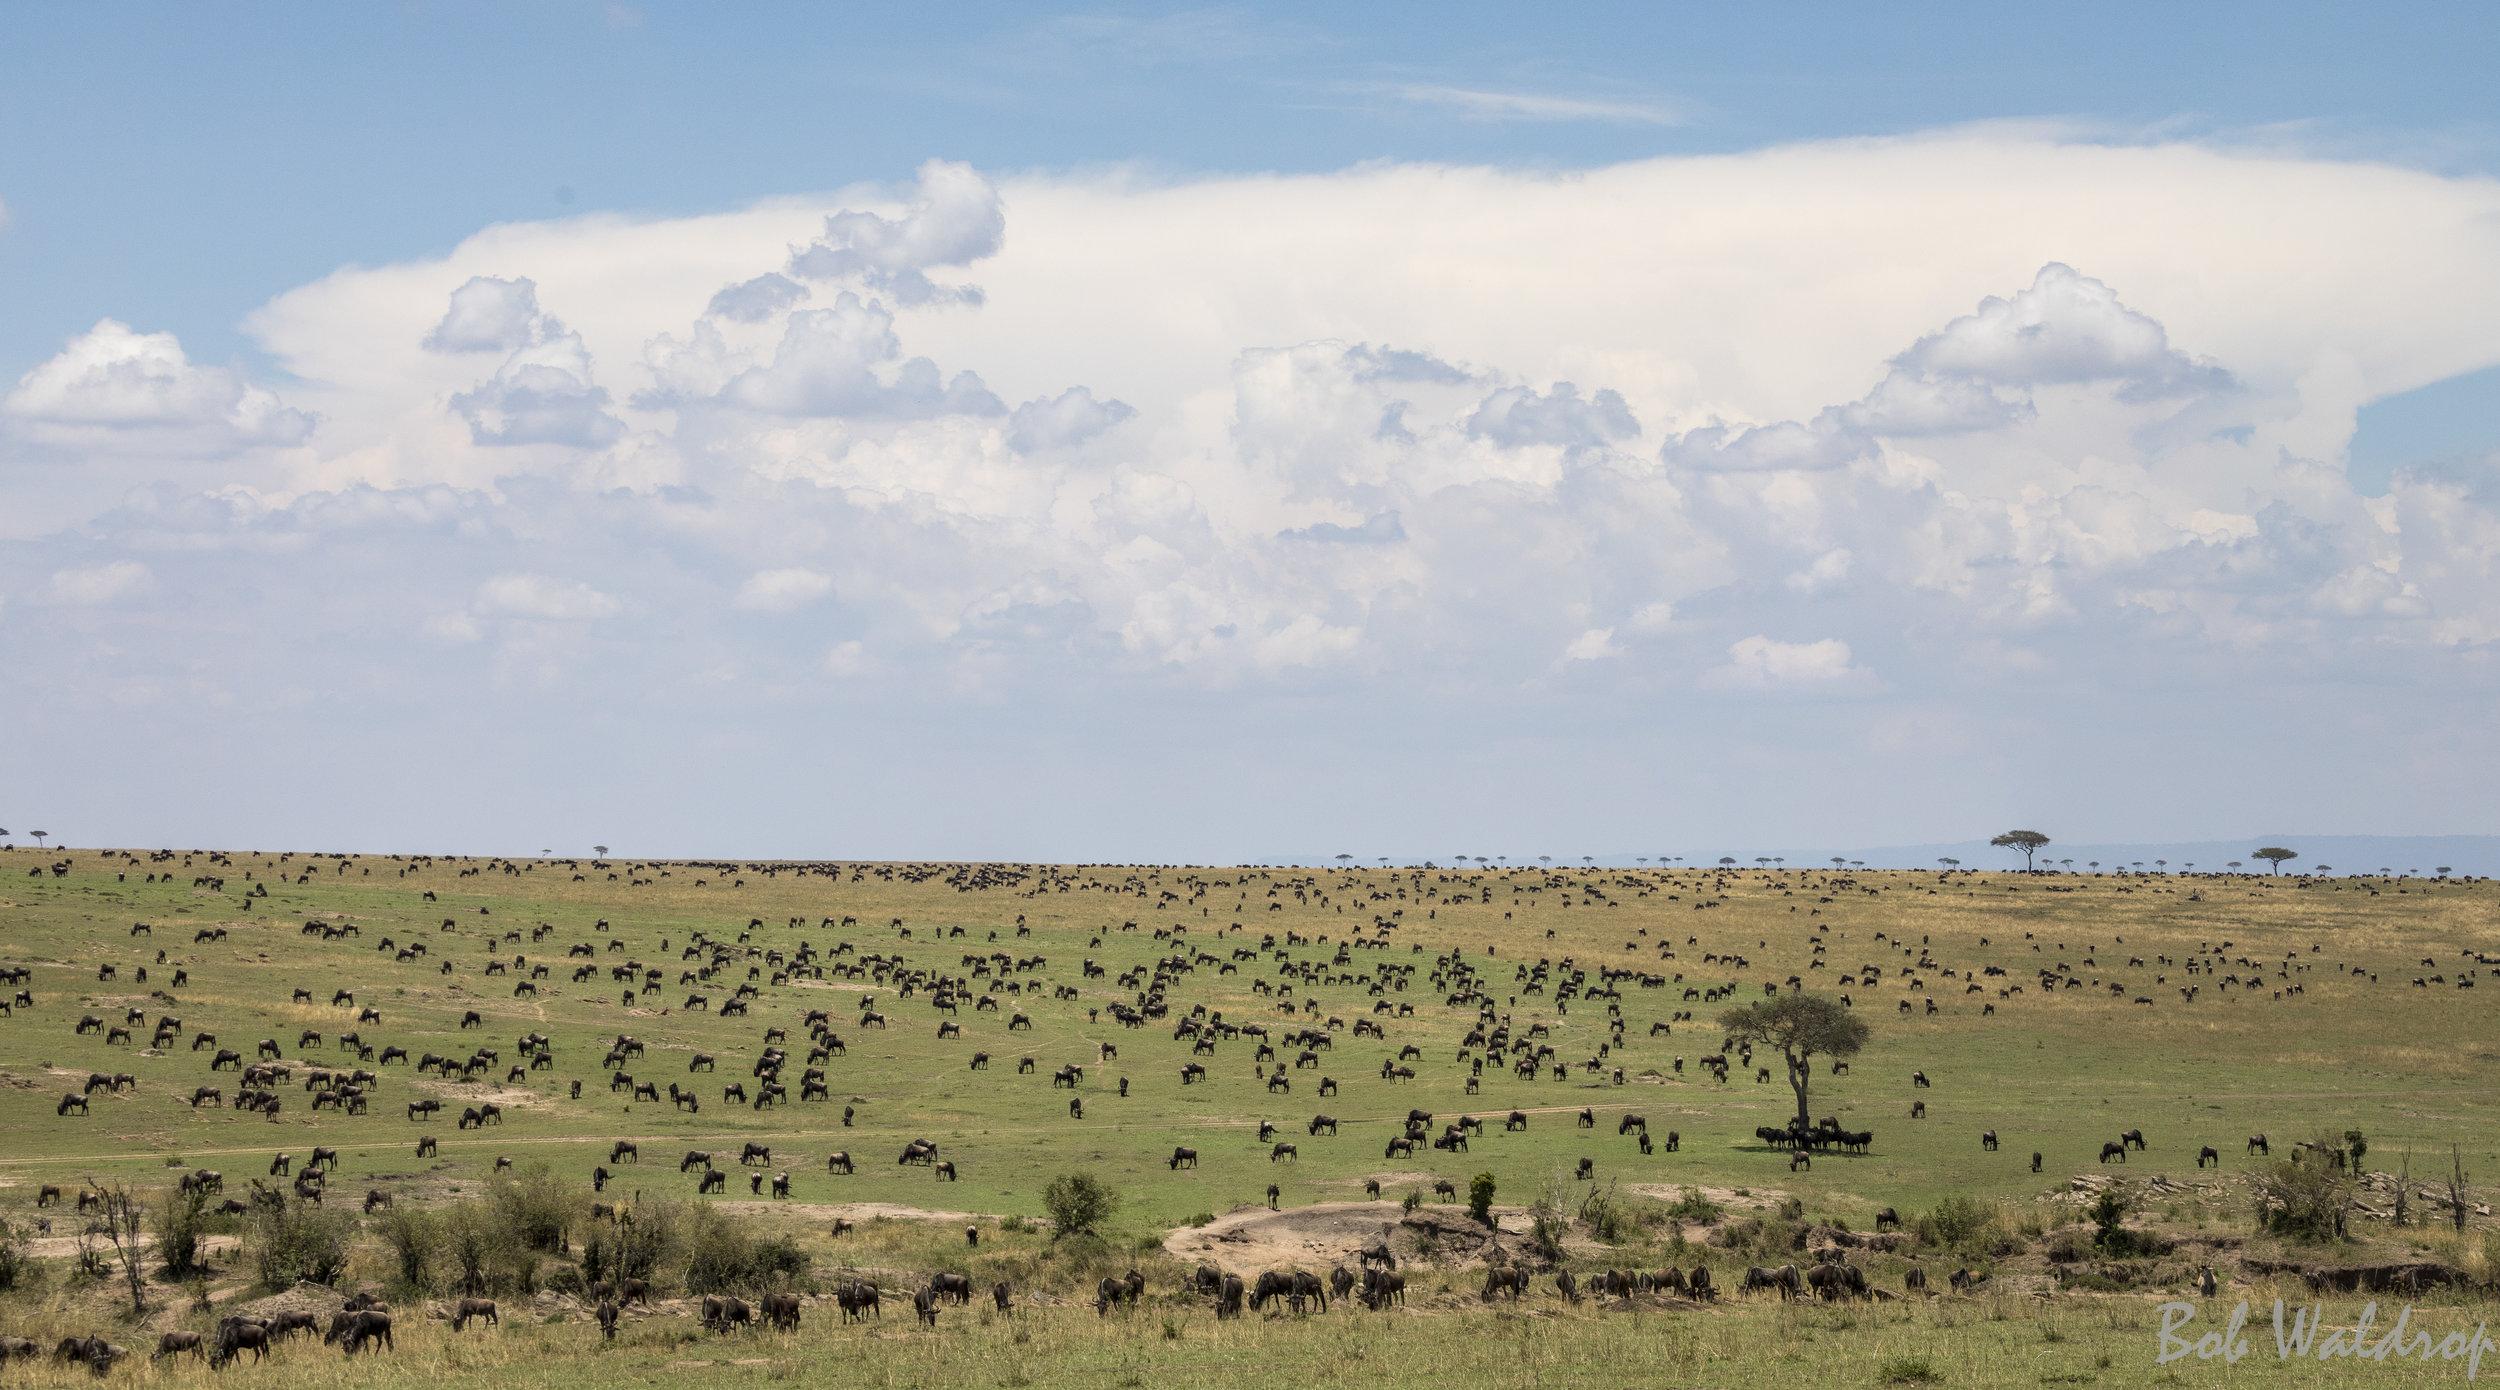 Serengeti-7304-Pano.JPG